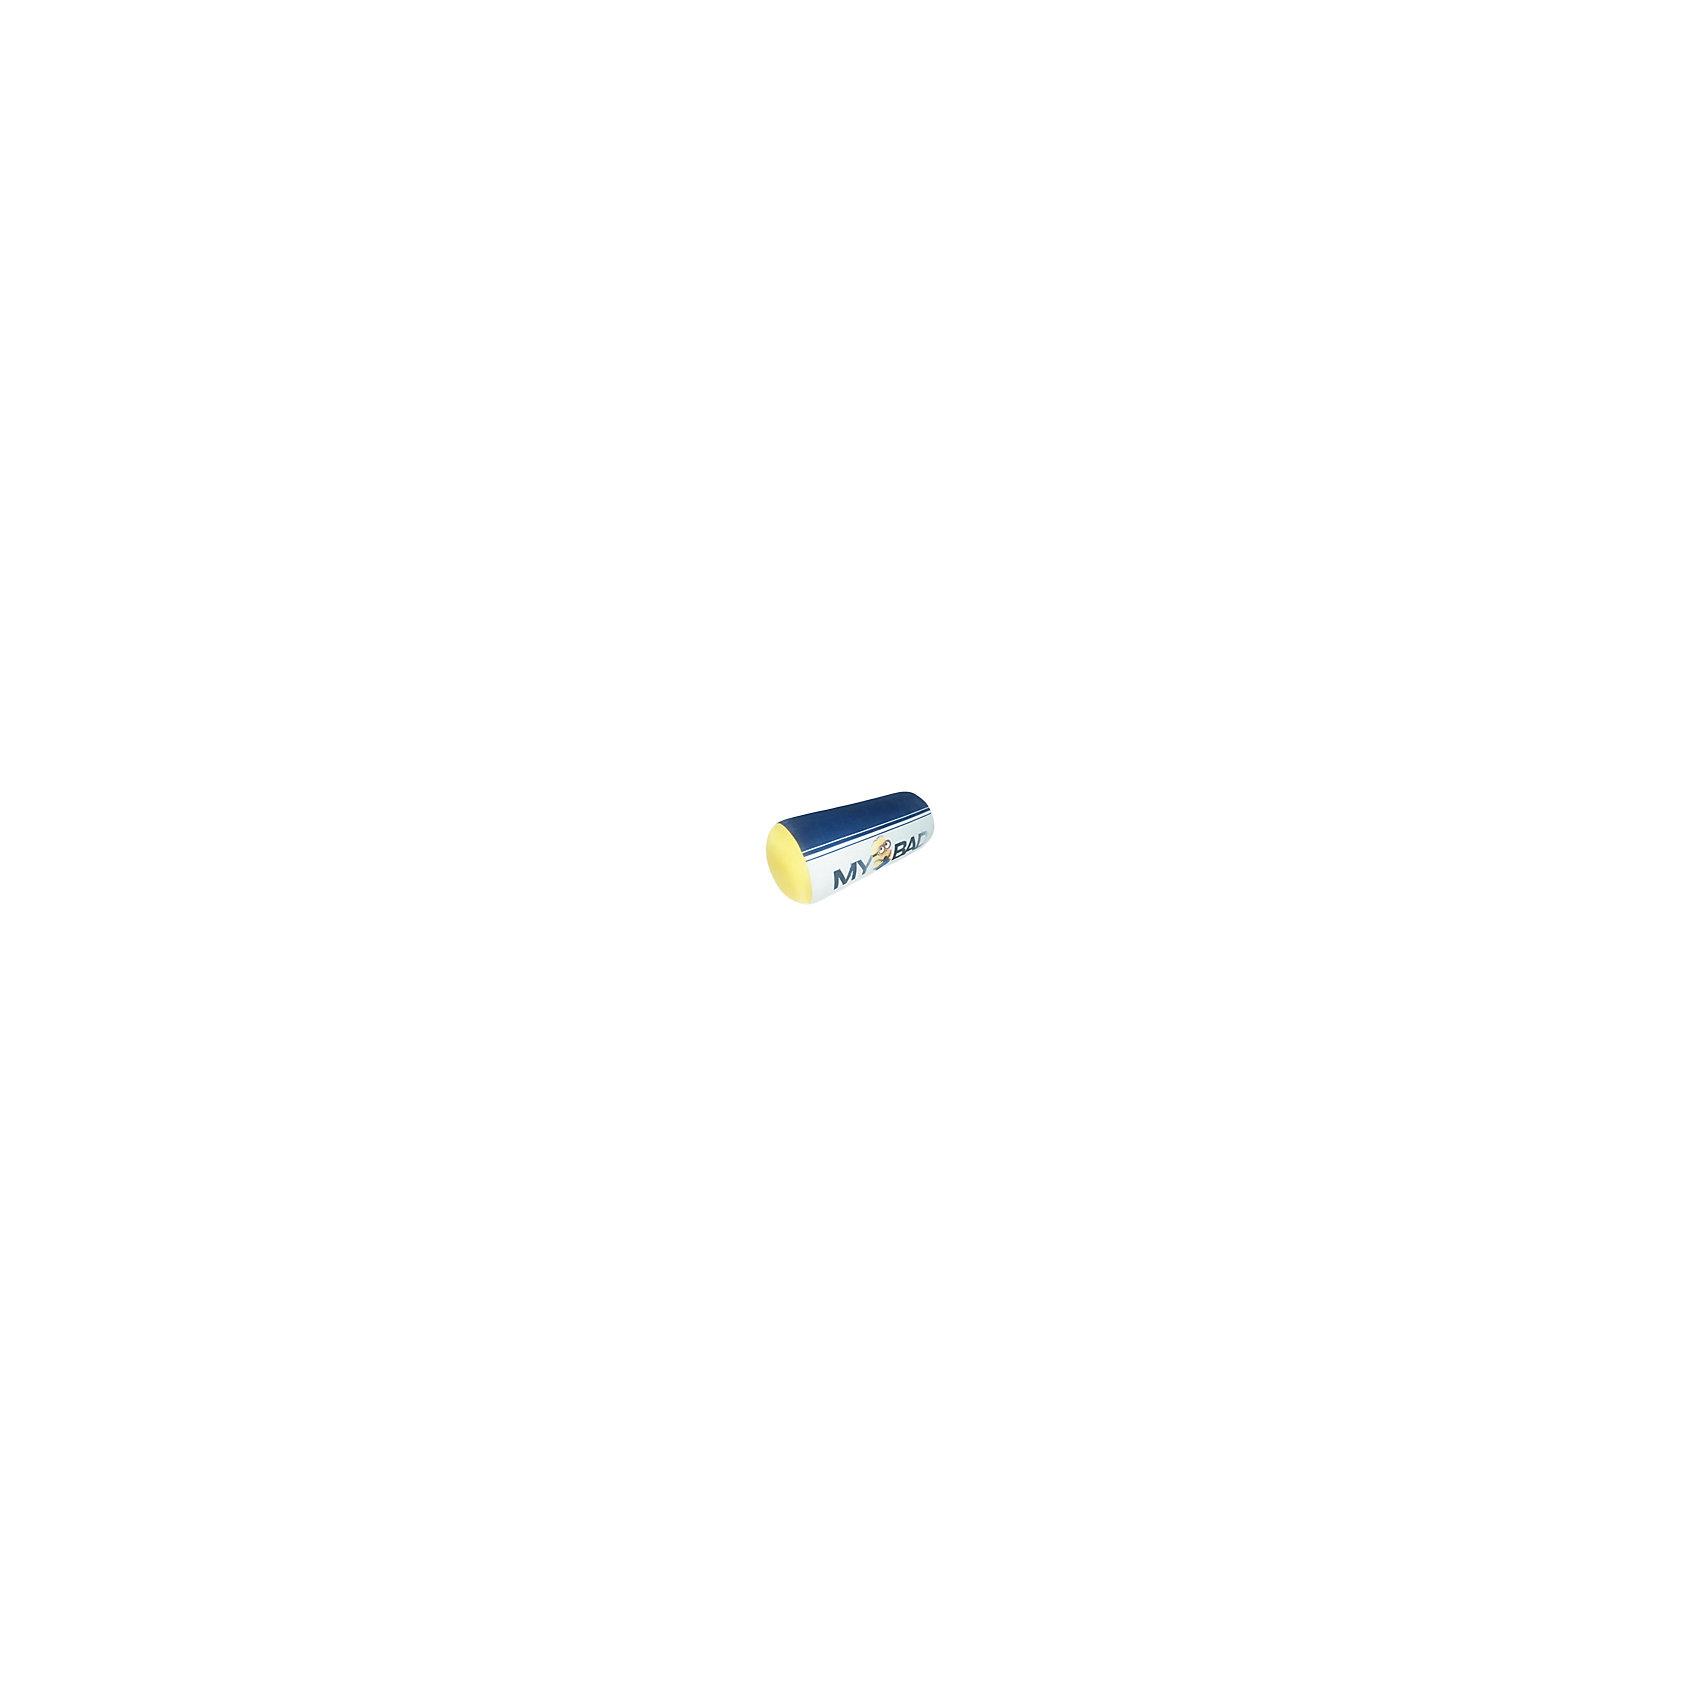 Подушка-антистресс Нечаянно 35 см, МиньоныПодушка-антистресс Нечаянно, Миньоны, порадует и поднимет настроение как детям так и взрослым. Яркая подушка в форме валика украшена изображением забавного существа миньона из популярного мультфильма Гадкий Я (Despicable Me). Основное достоинство подушки - это осязательный массаж с эффектом релаксации. Гладкая поверхность подушки выполнена из эластичного прочного трикотажа, а внутри находятся мельчайшие гранулы полистирола, благодаря которым она всегда будет легкой, упругой и приятной на ощупь. Подушку можно мять и<br>сжимать, но она неизменно возвращает себе первоначальную форму. Можно стирать в стиральной машинке в специальном мешке для одежды.  <br><br><br>Дополнительная информация:<br><br>- Материал: внешний материал - трикотаж, наполнитель - полистирол.<br>- Длина: 35 см.<br>- Размер упаковки: 35 х 18 х 18 см.<br>- Вес: 0,3 кг.<br> <br><br>Подушку-антистресс Нечаянно, Миньоны, СмолТойс, можно купить в нашем интернет-магазине.<br><br>Ширина мм: 350<br>Глубина мм: 180<br>Высота мм: 180<br>Вес г: 300<br>Возраст от месяцев: 36<br>Возраст до месяцев: 2147483647<br>Пол: Унисекс<br>Возраст: Детский<br>SKU: 4148690